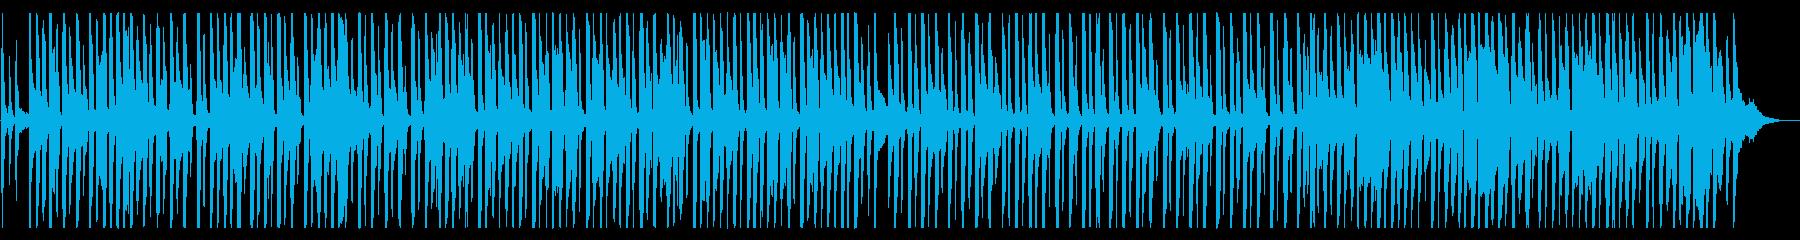 ラフなレゲエ_2の再生済みの波形